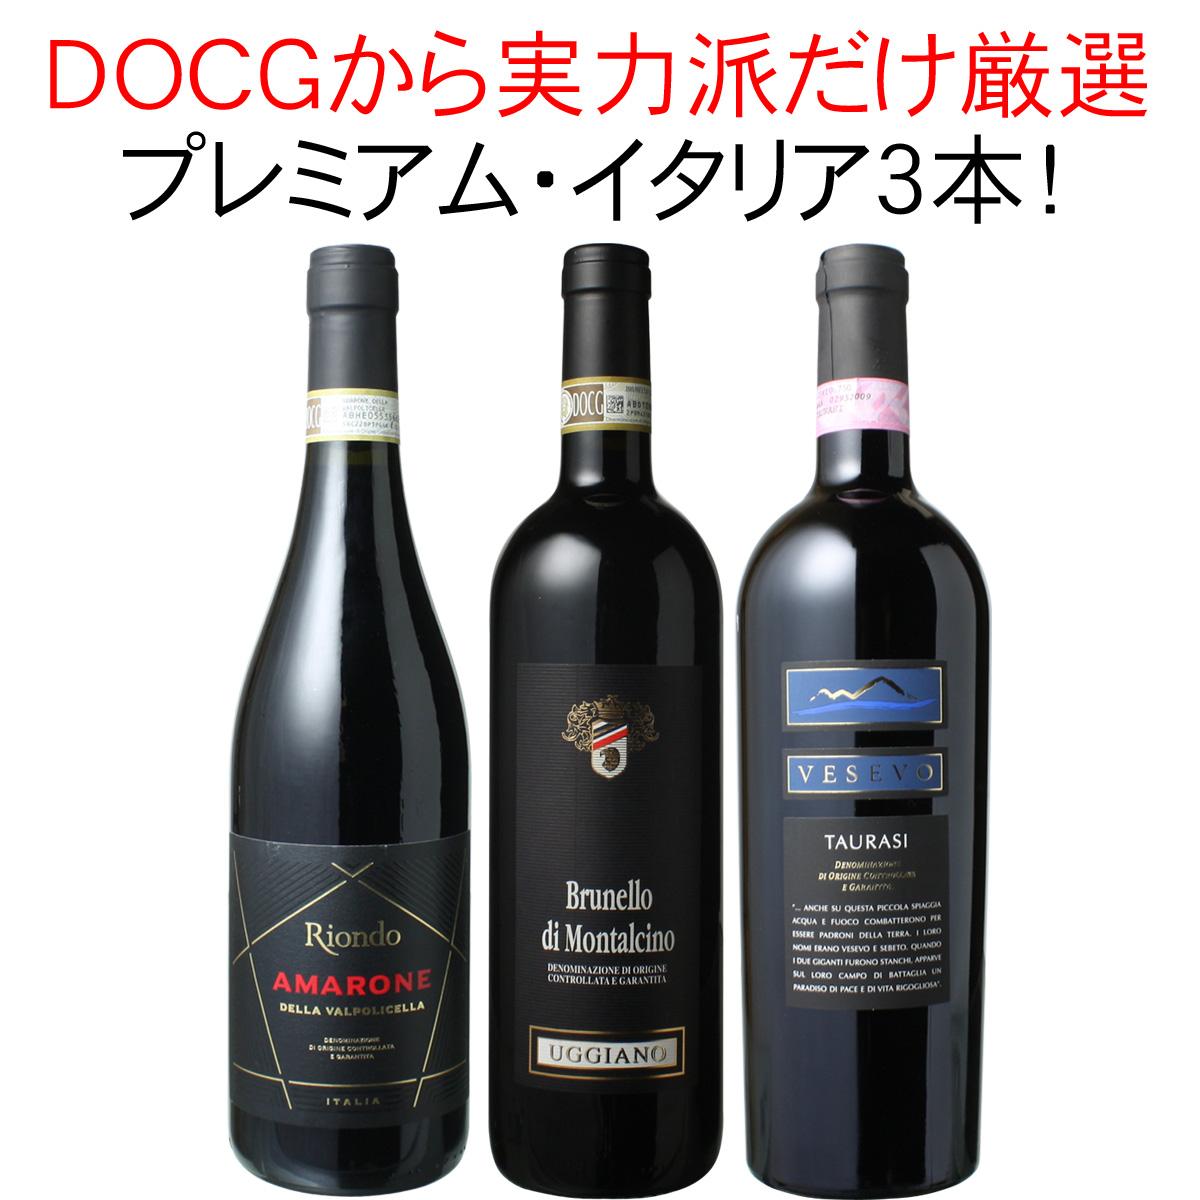 ワインセット プレミアム イタリア ワイン 3本 セット 赤ワイン ブルネッロ アマローネ タウラージ 家飲み 御祝 誕生日 ハロウィン ギフト 実力派DOCGばかり